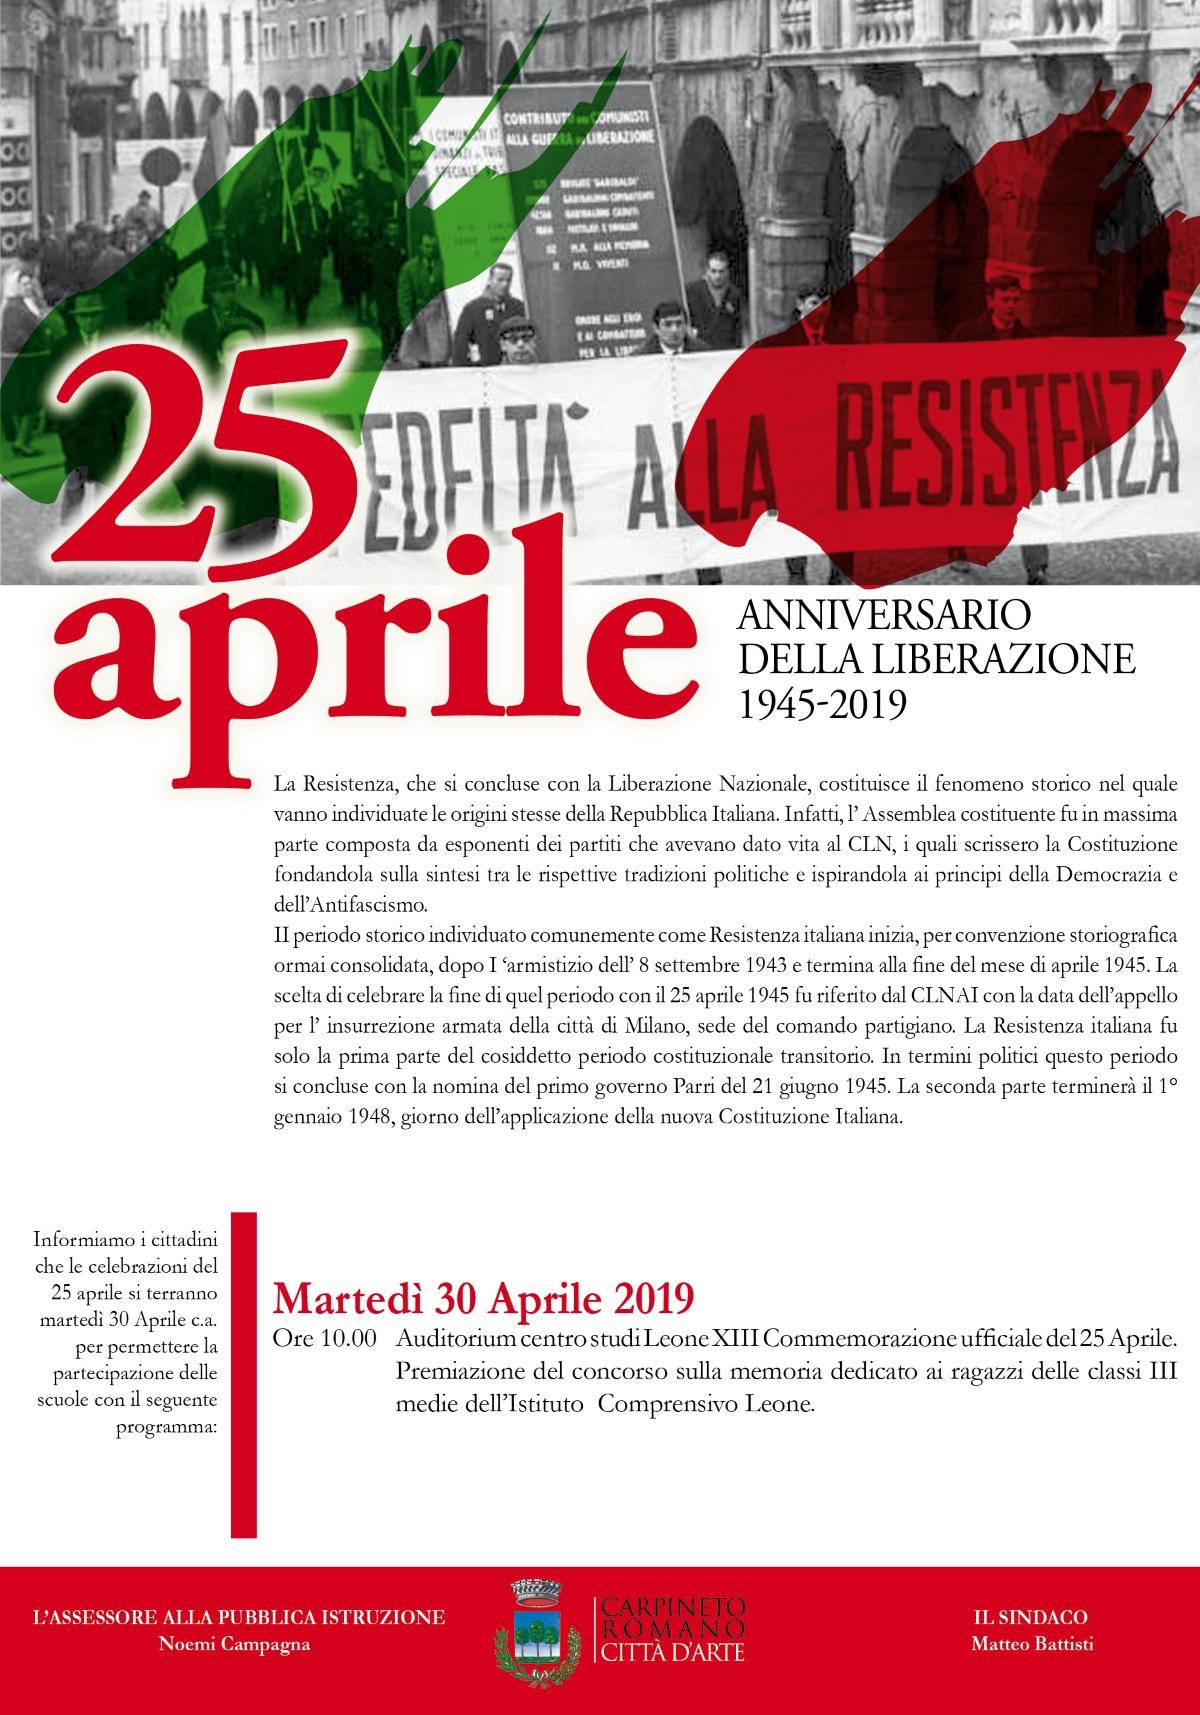 Carpineto Romano: 25 Aprile Anniversario della liberazione 1945-2019 @ auditorium leone XIII | Carpineto Romano | Lazio | Italia